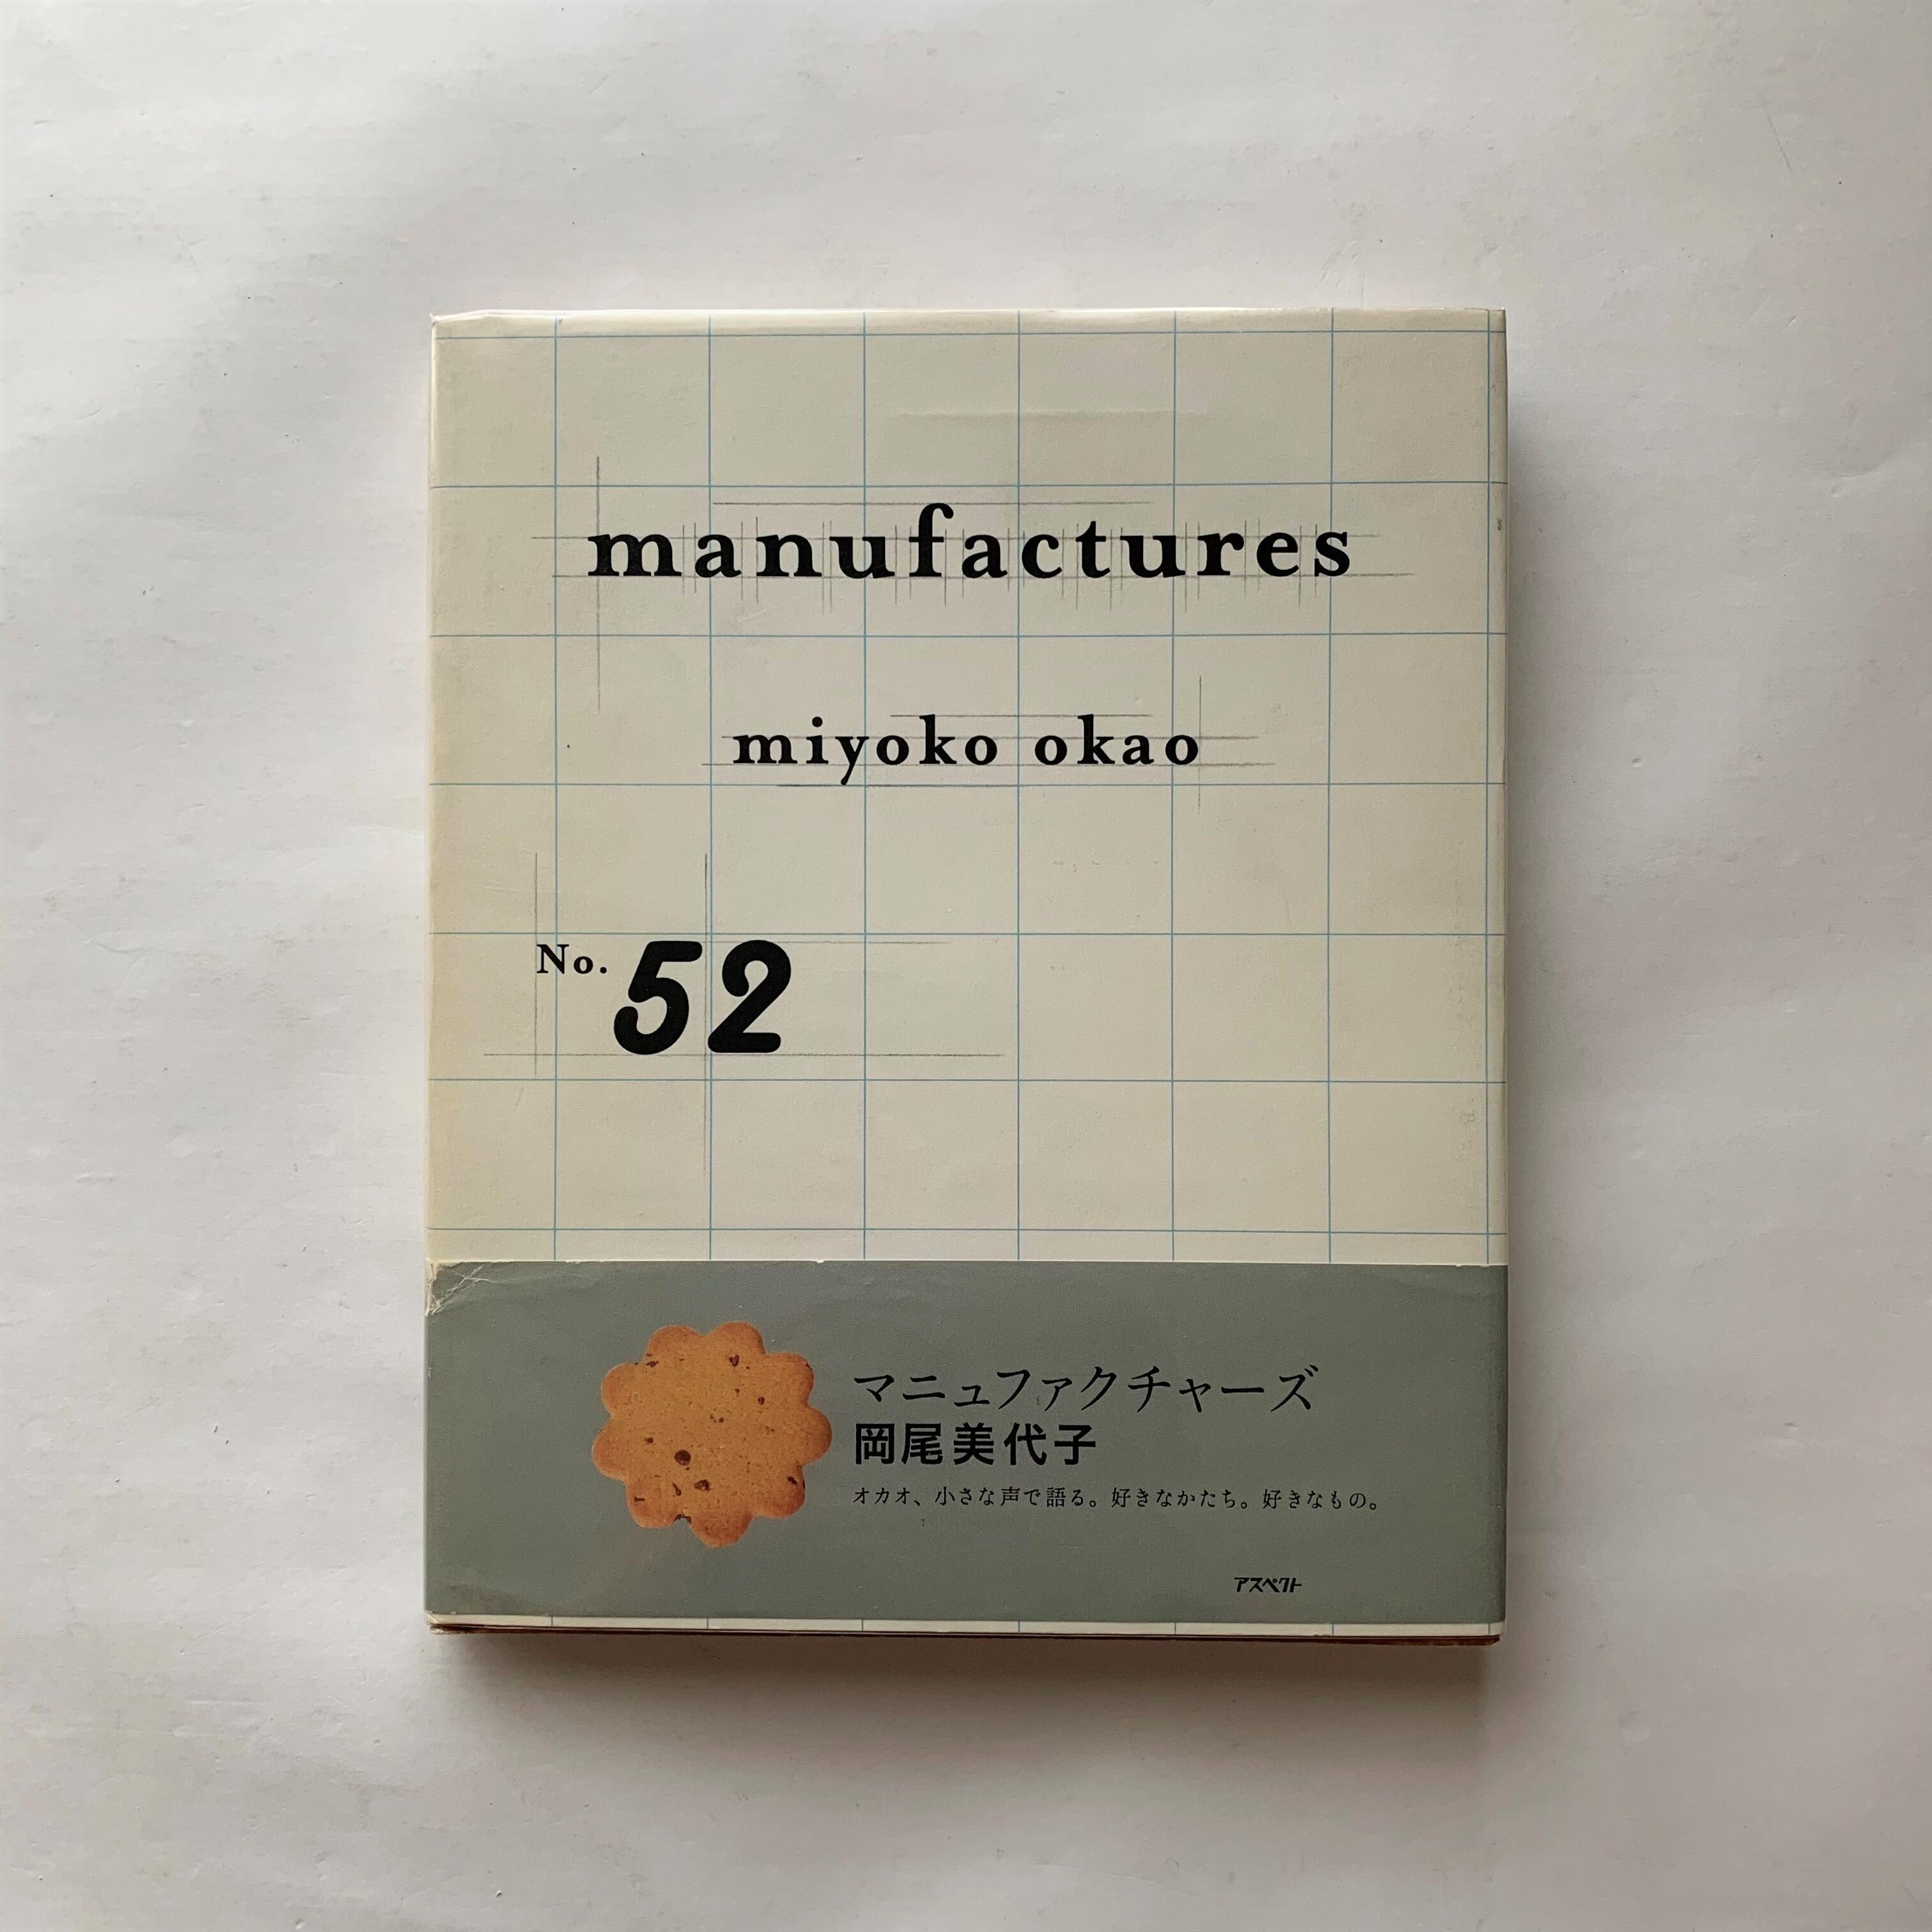 マニュファクチャーズ   /  岡尾美代子